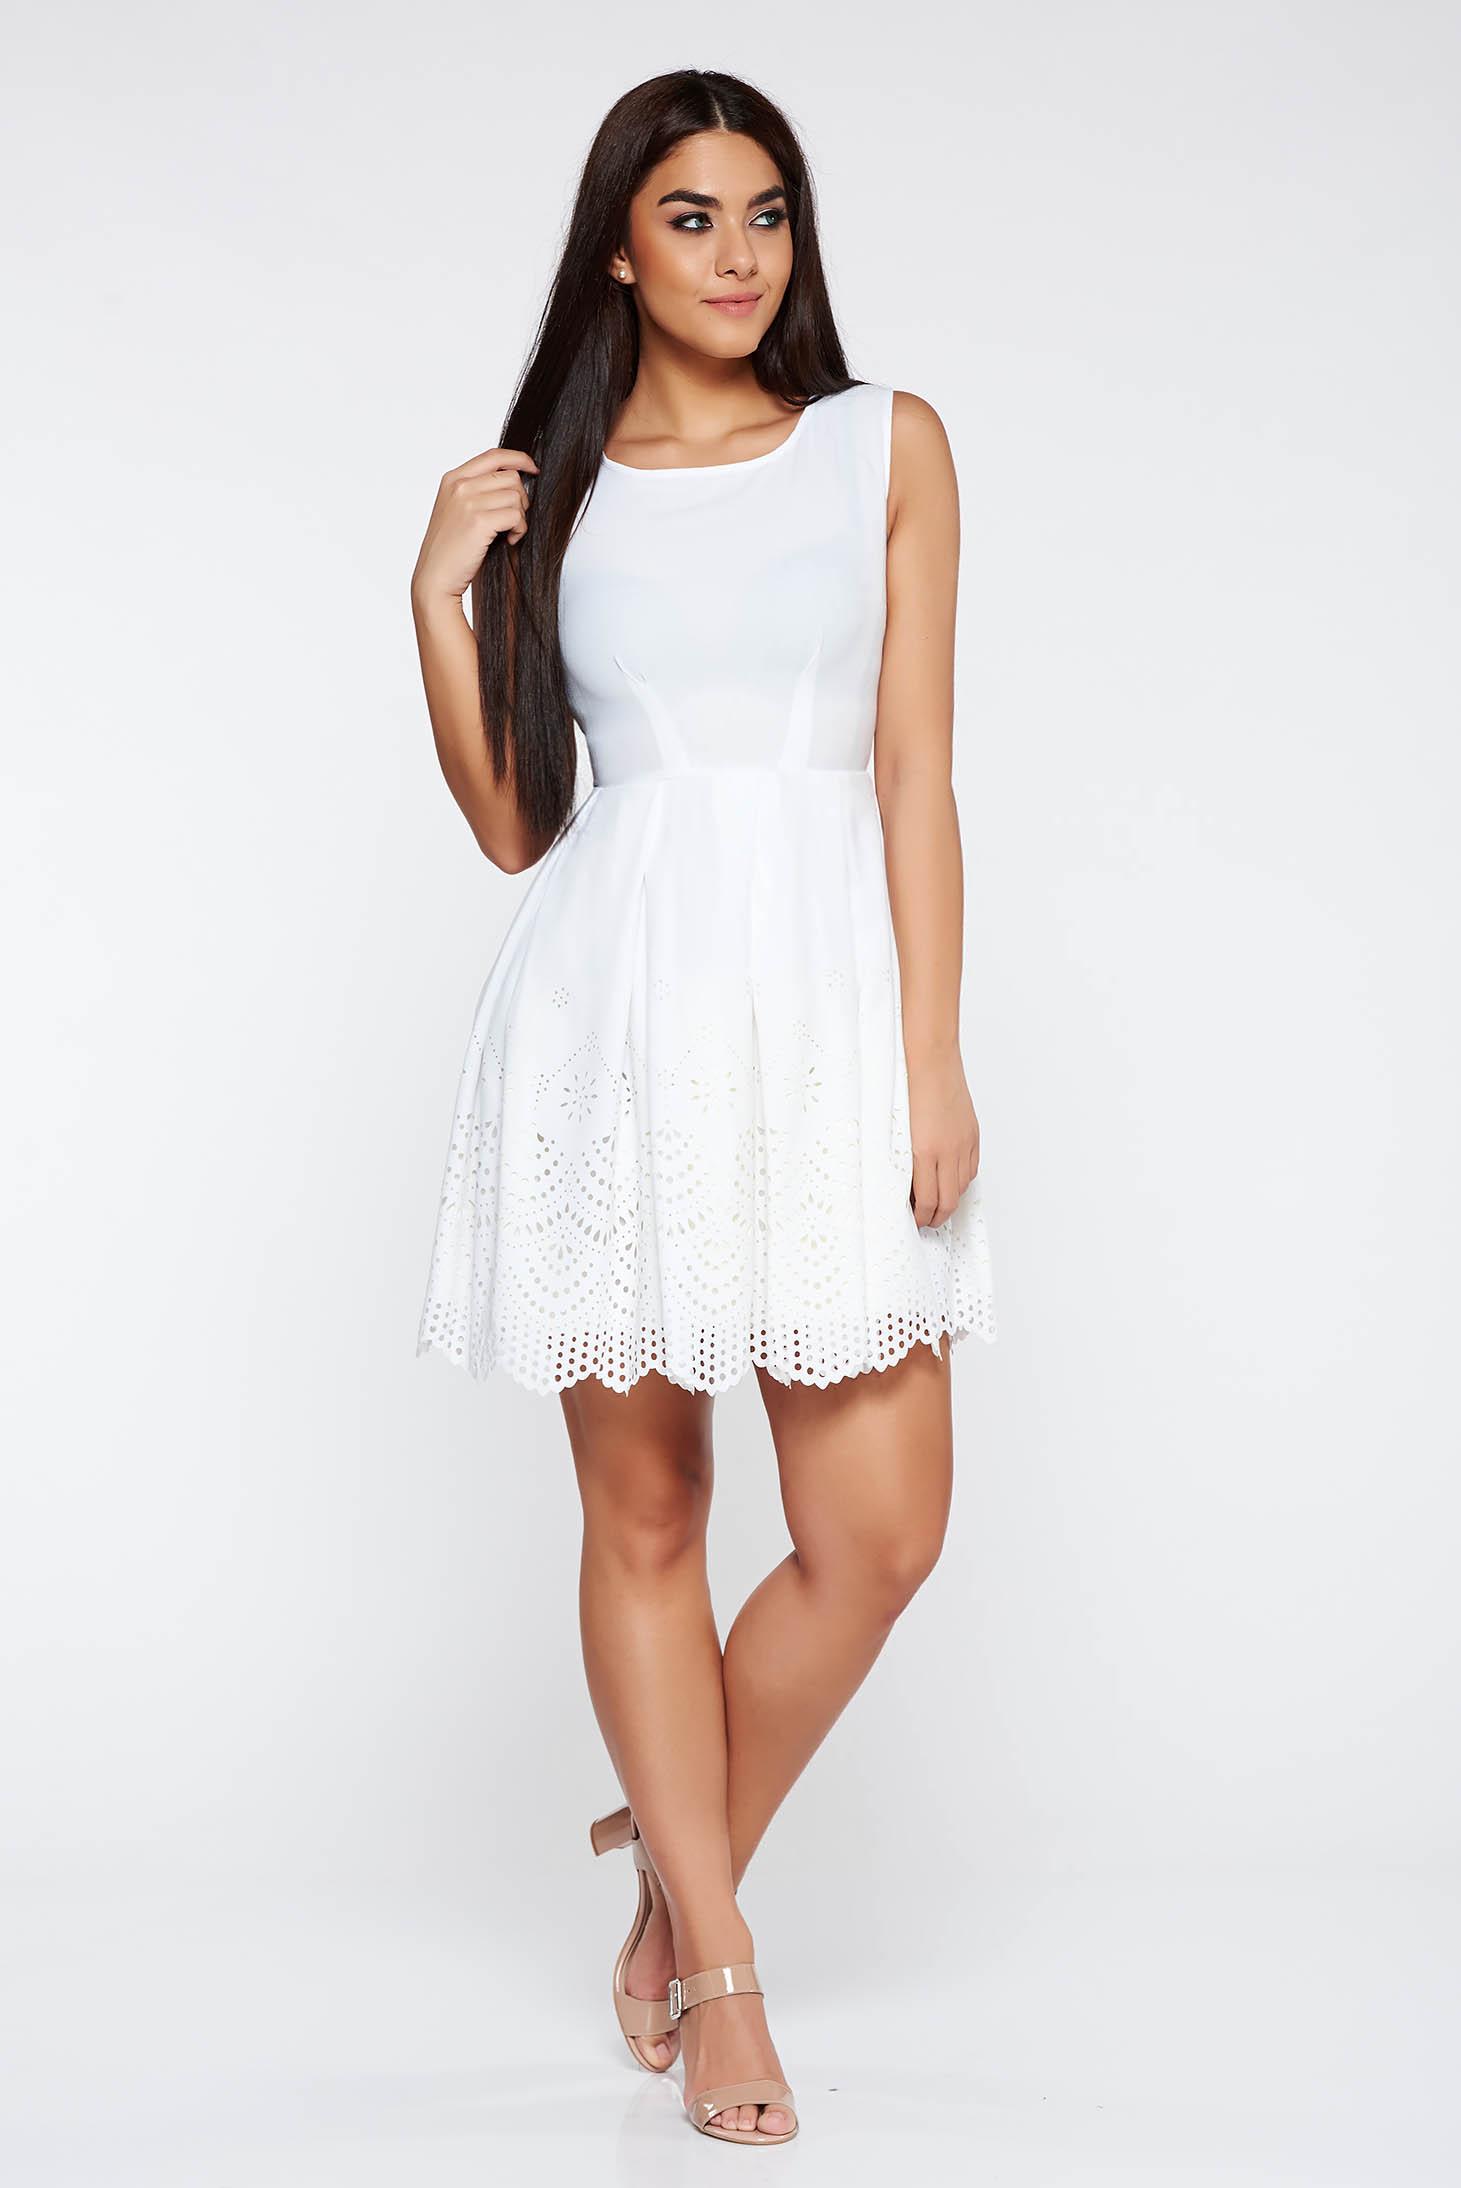 1b42df74deb Fehér elegáns ruha deréktól bővülő szabás enyhén rugalmas anyag  kivágásokkal az anyagből